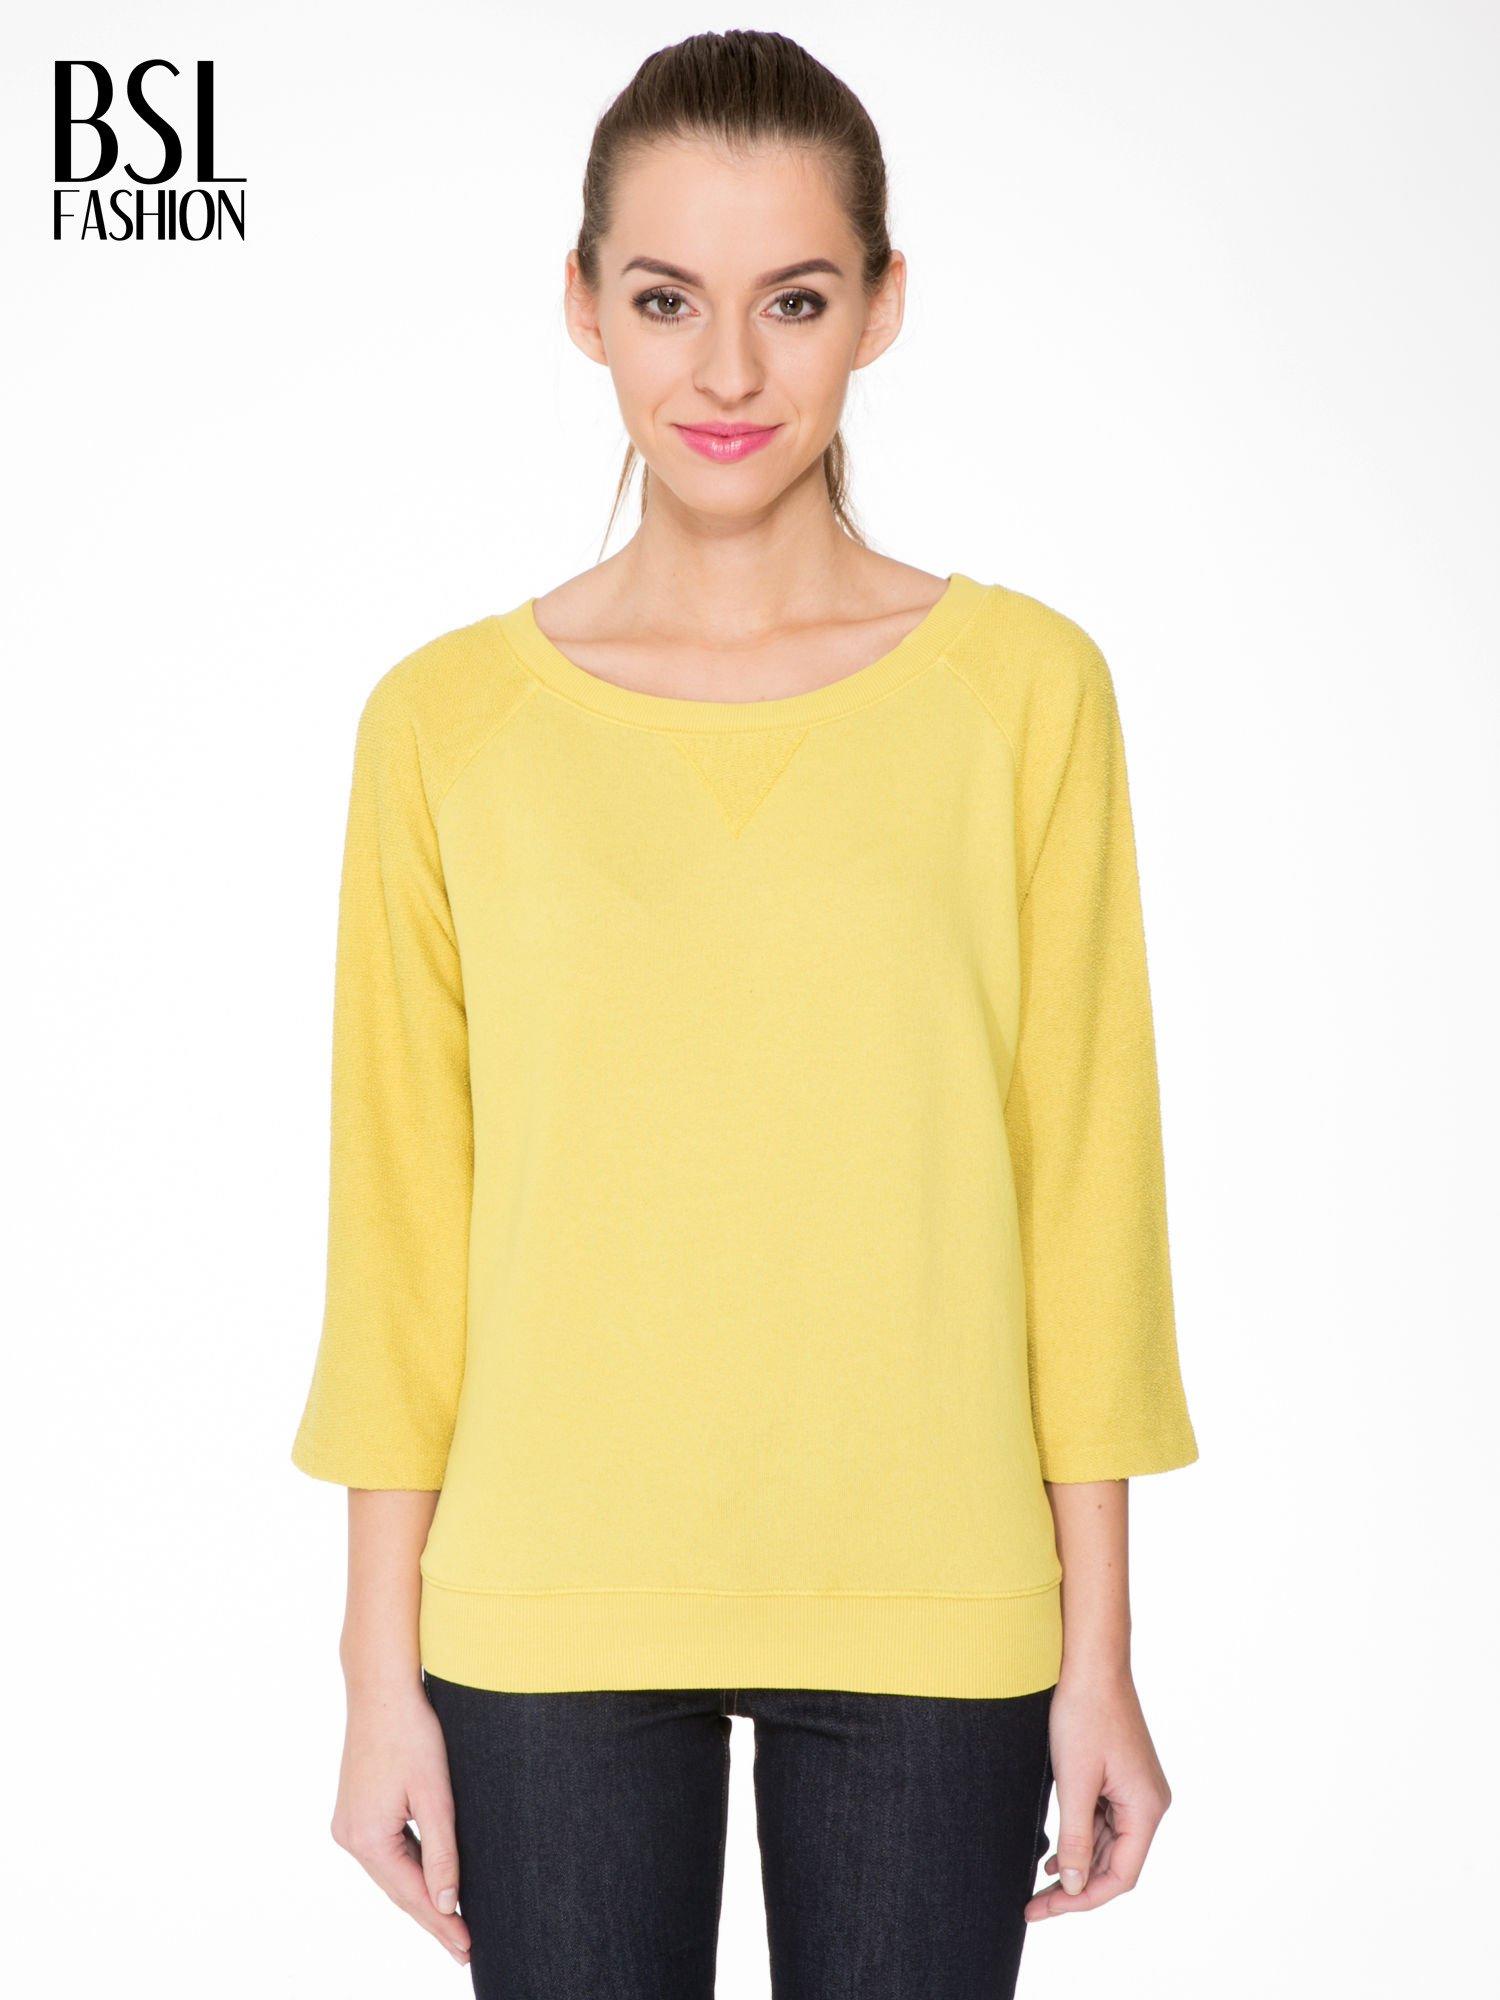 Żółta bluza oversize z łączonych materiałów                                  zdj.                                  1